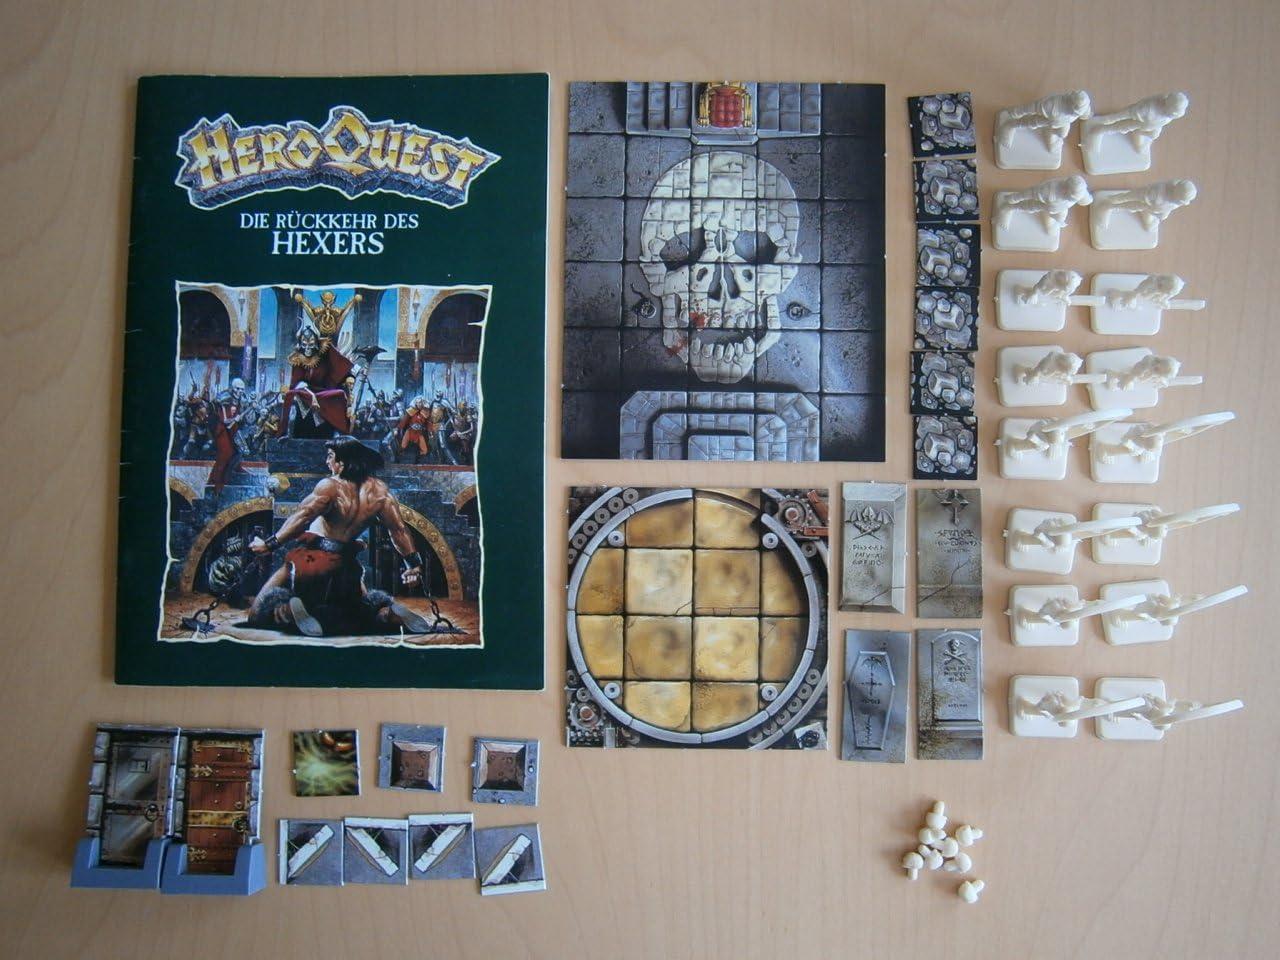 N.V., El Regreso del hexers – Hero Quest Ampliación: Amazon.es: Juguetes y juegos